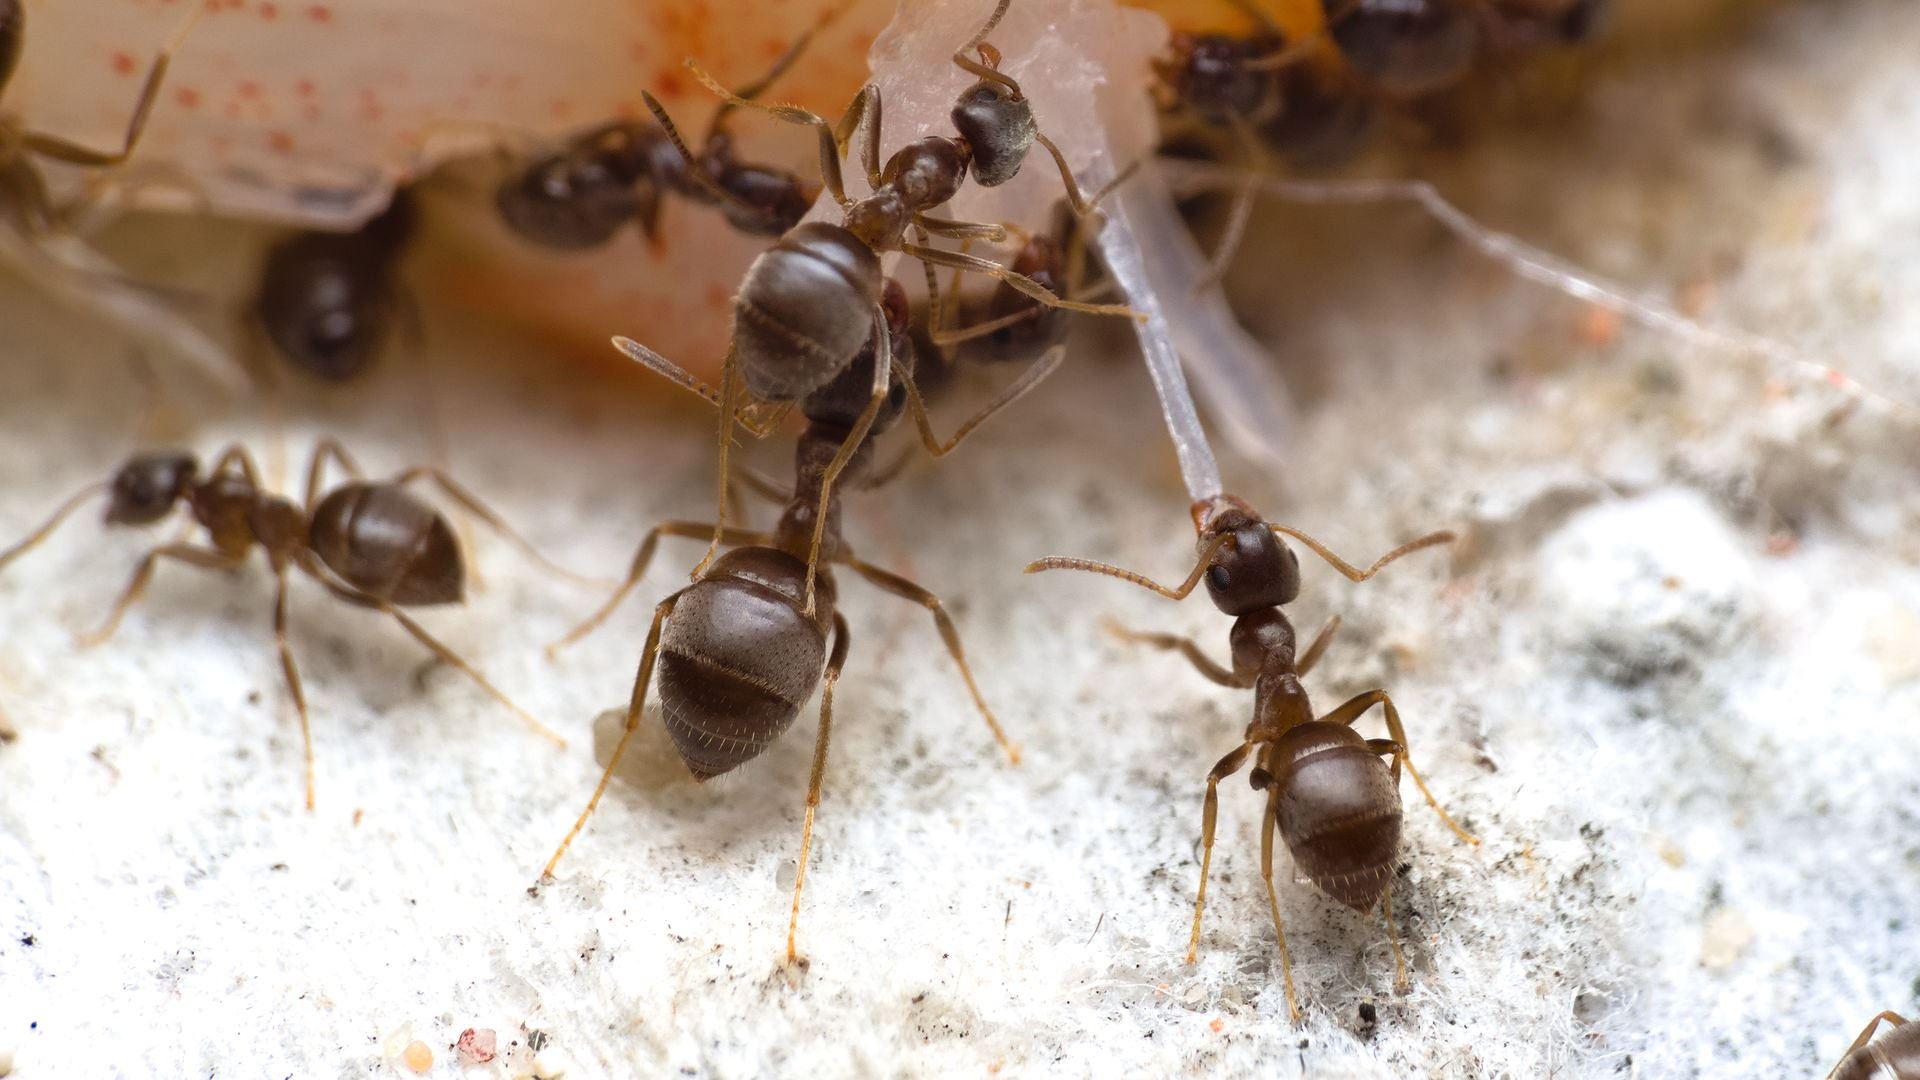 Eine Ameise versucht ein Stück aus dem Garnelenfleisch zu lösen.